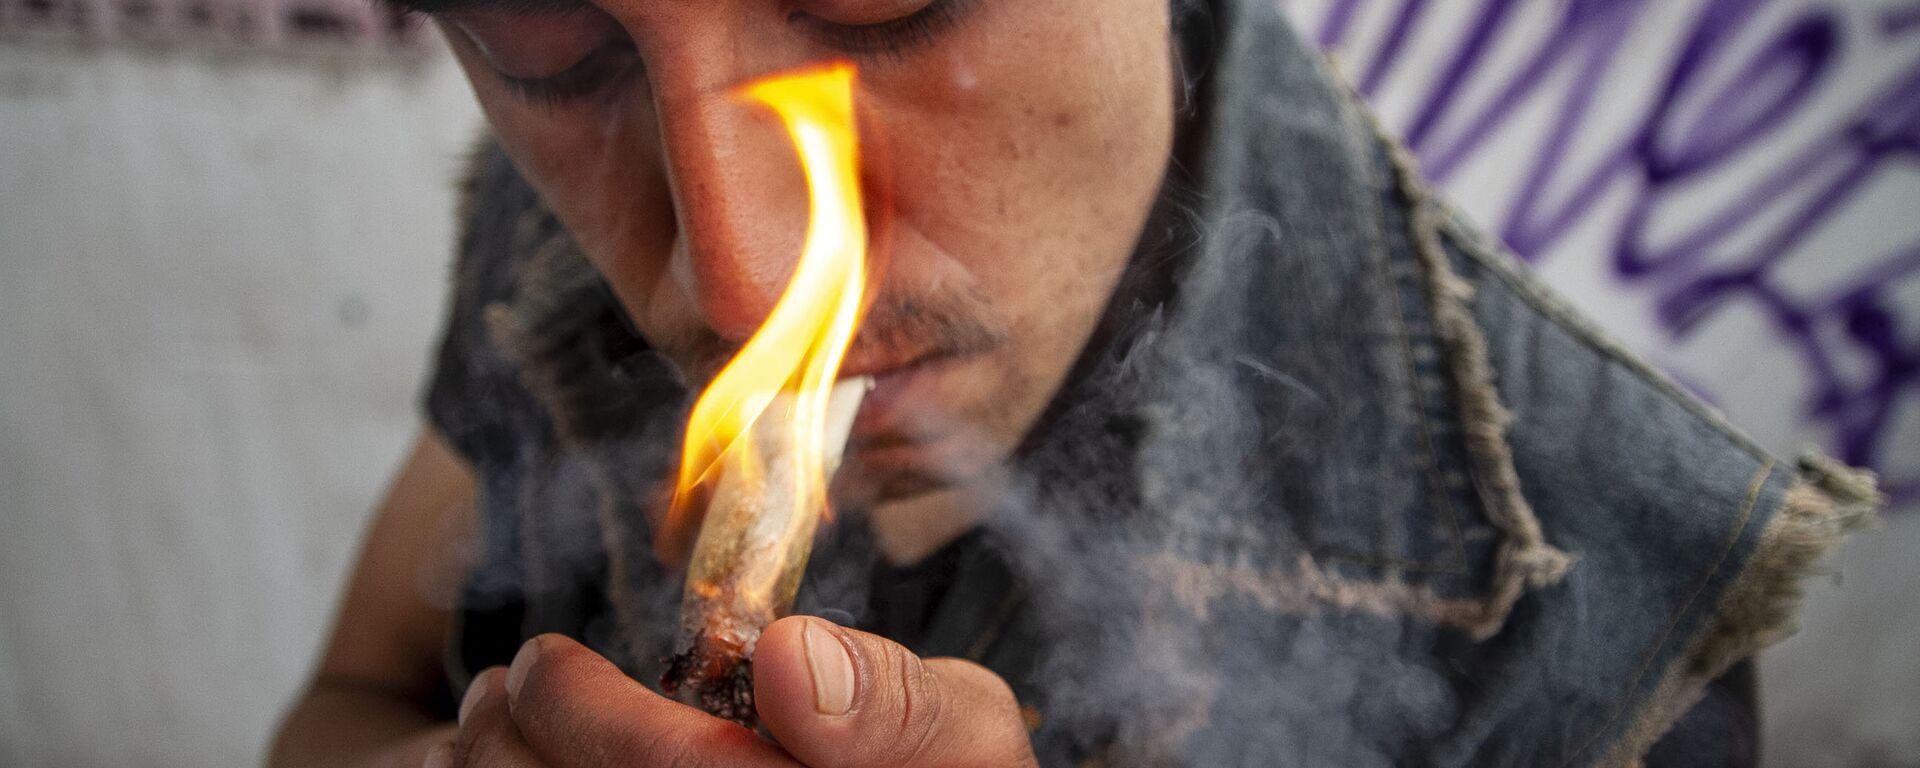 Usuario de marihuana en uno de los eventos de la Federación Mariguana Liberación en la Ciudad de México - Sputnik Mundo, 1920, 21.12.2019